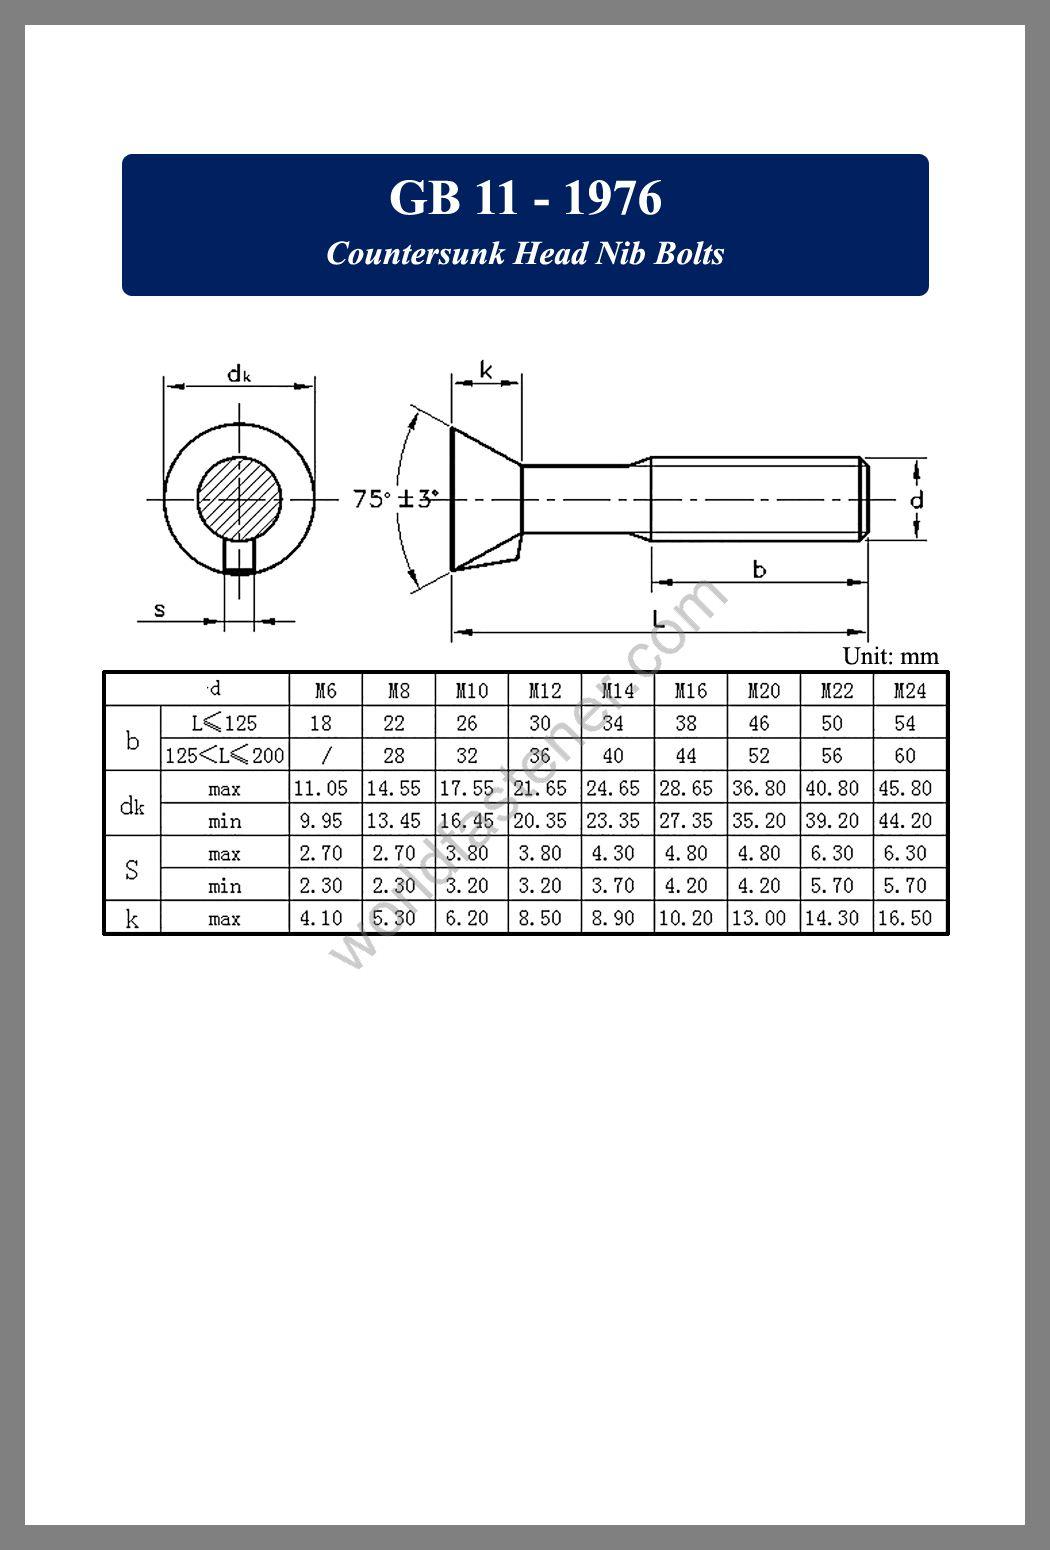 GB /T 11 Countersunk Head Nib Bolts, Countersunk Head Screws, fastener, screw, bolt, GB bolts, GB Fasteners